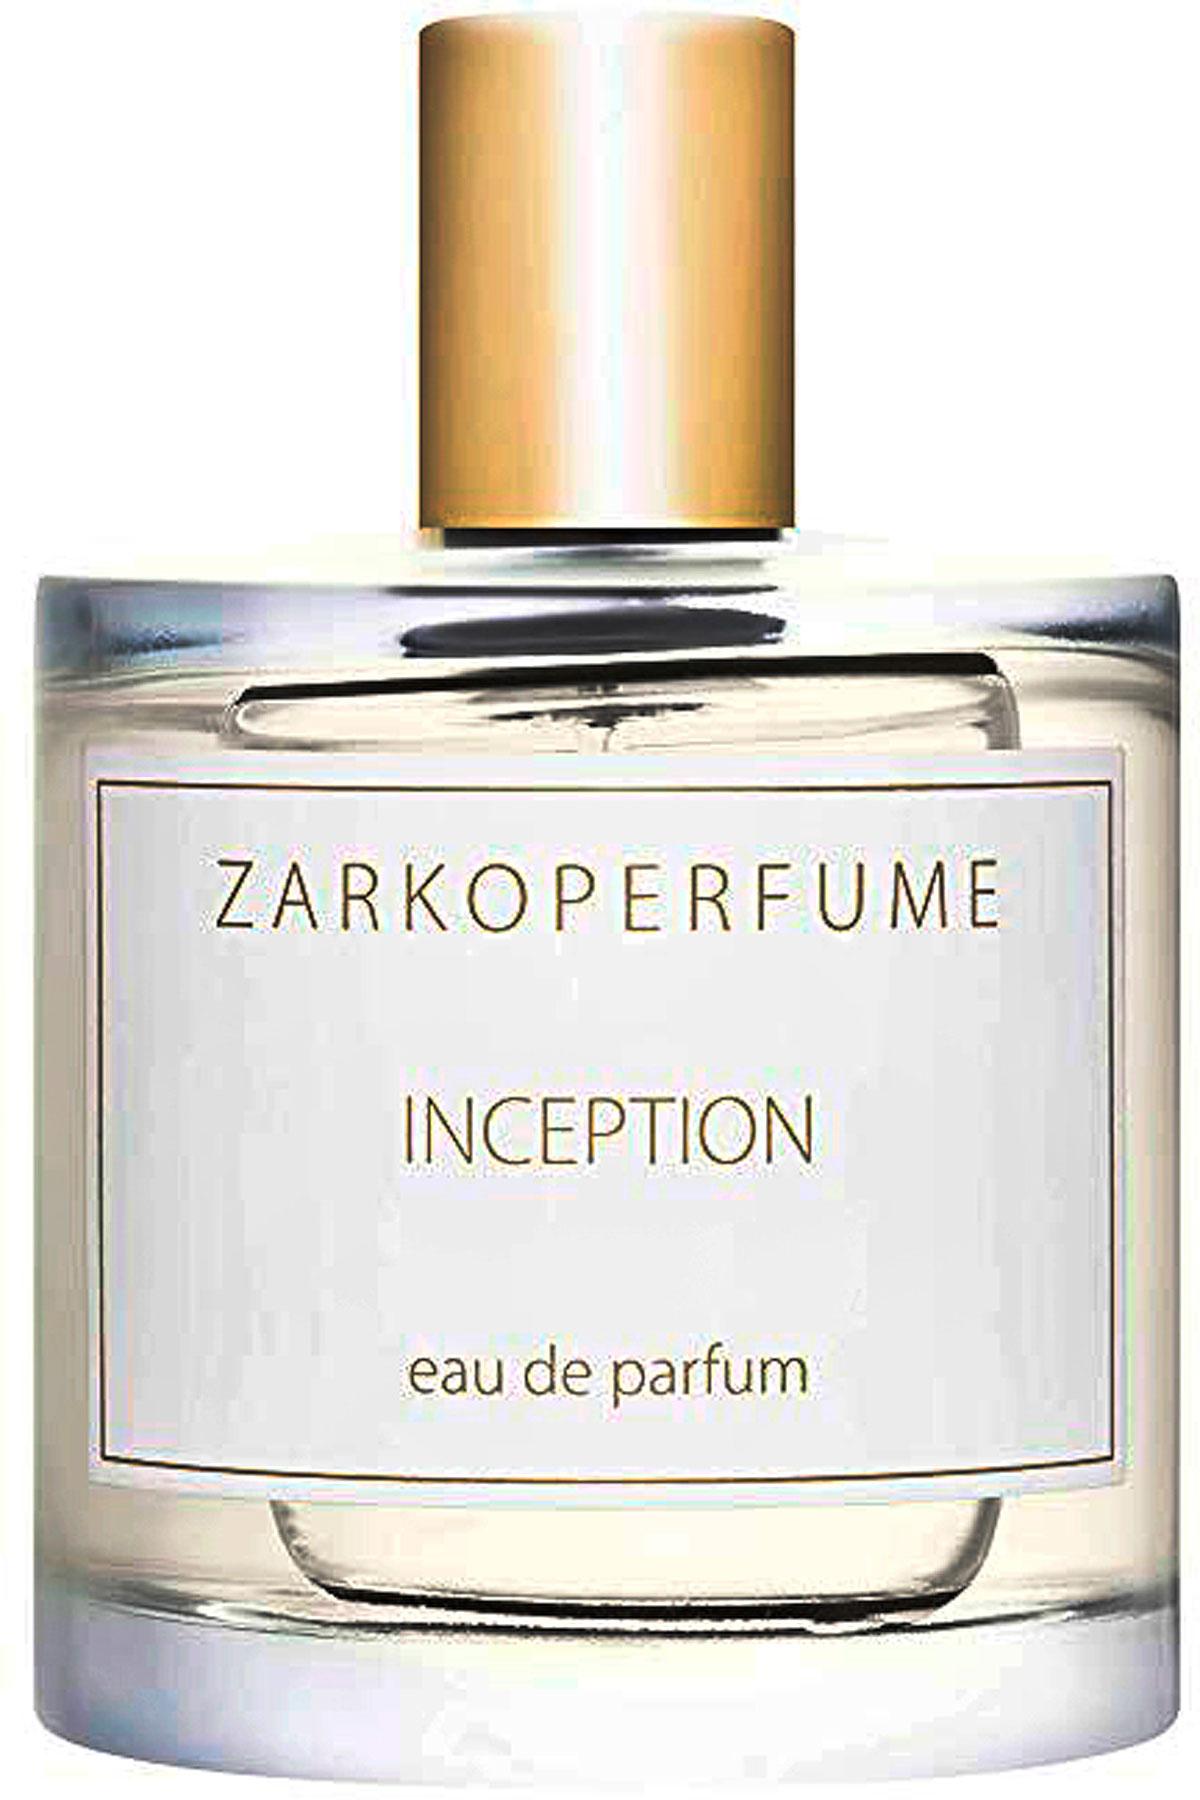 Zarkoperfume Fragrances for Men, Inception - Eau De Parfum - 100 Ml, 2019, 100 ml